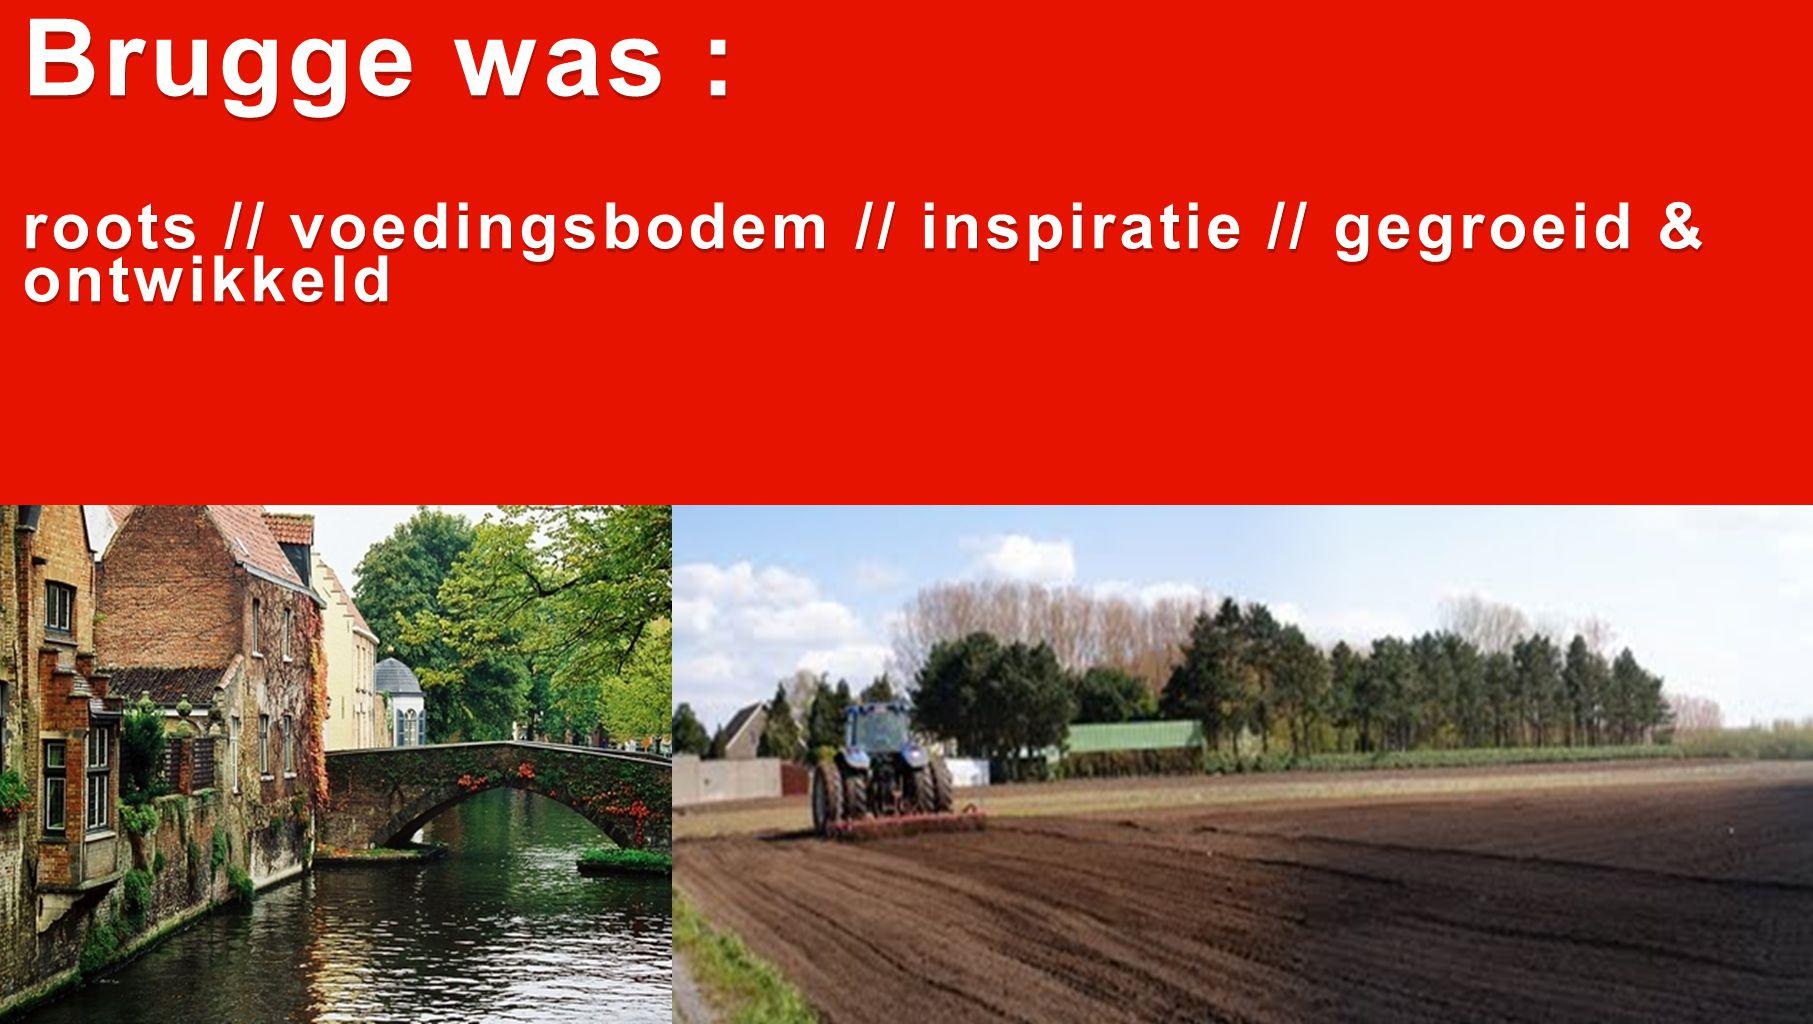 Brugge was : roots // voedingsbodem // inspiratie // gegroeid & ontwikkeld